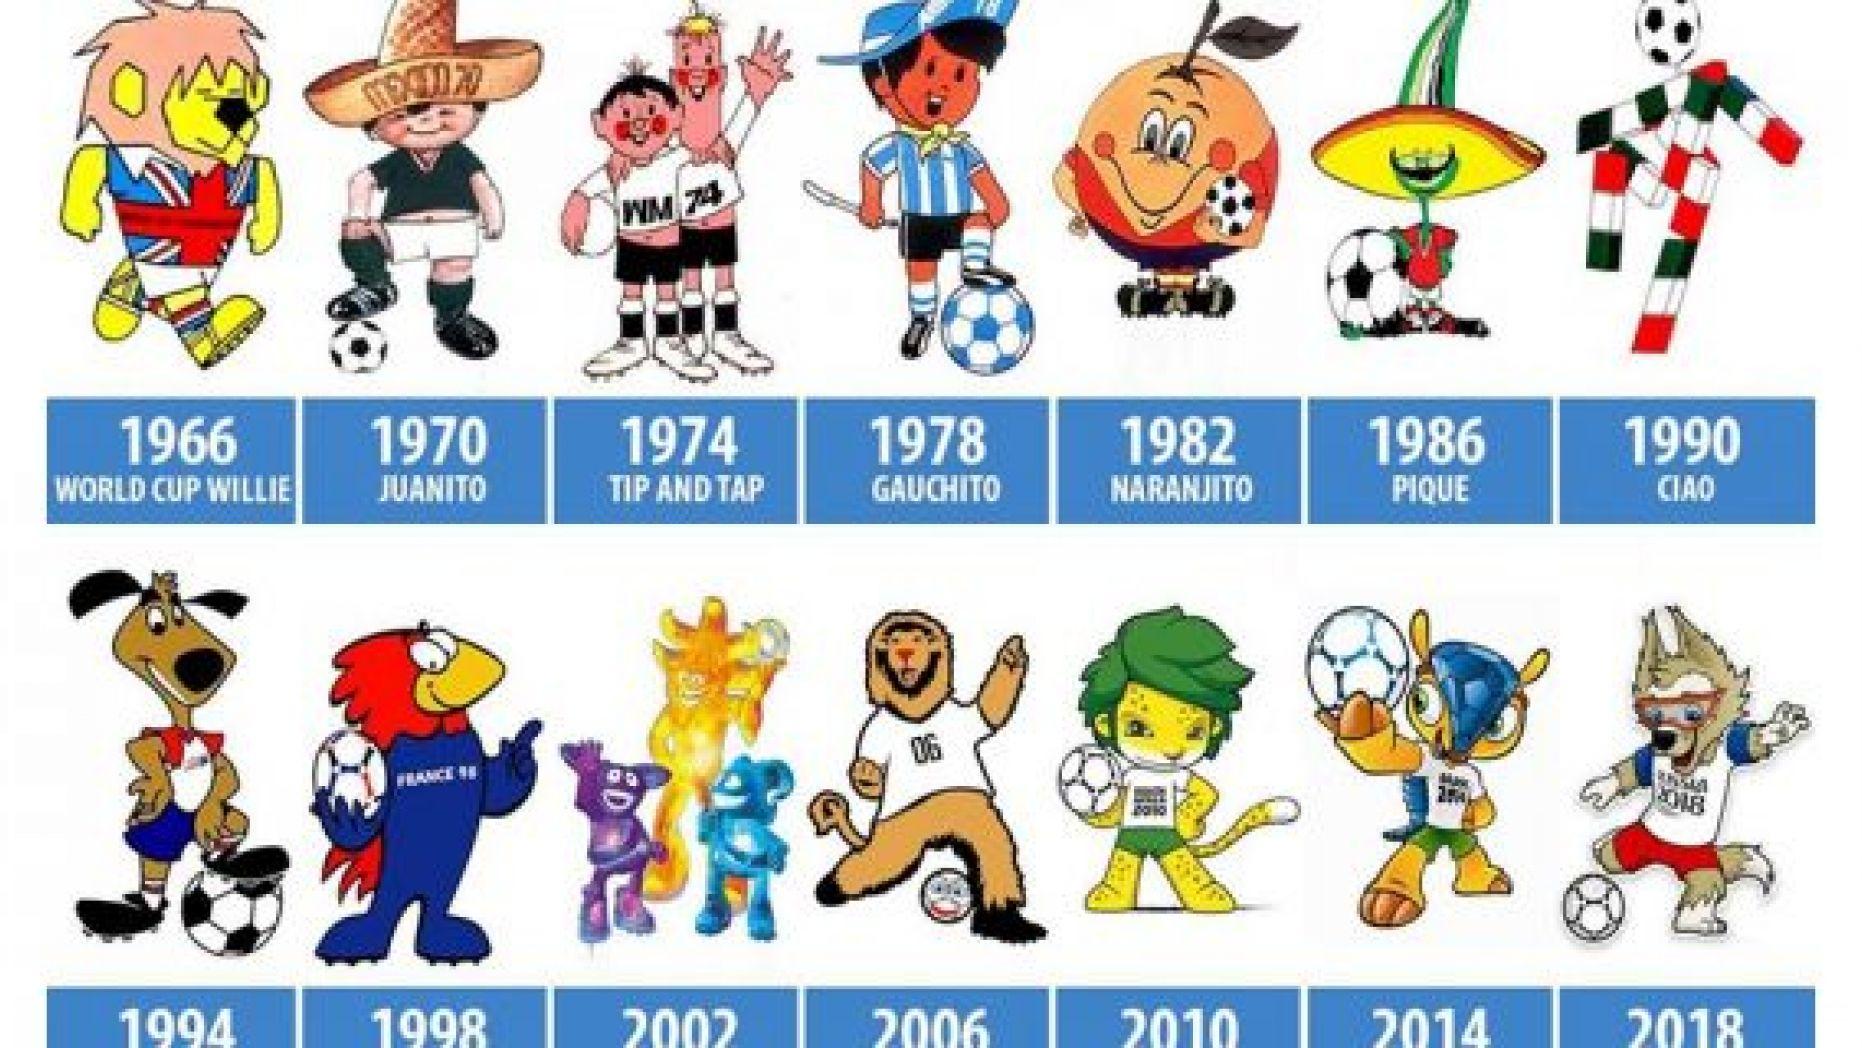 Ini Dia 5 Maskot Piala Dunia Paling Ikonik 14